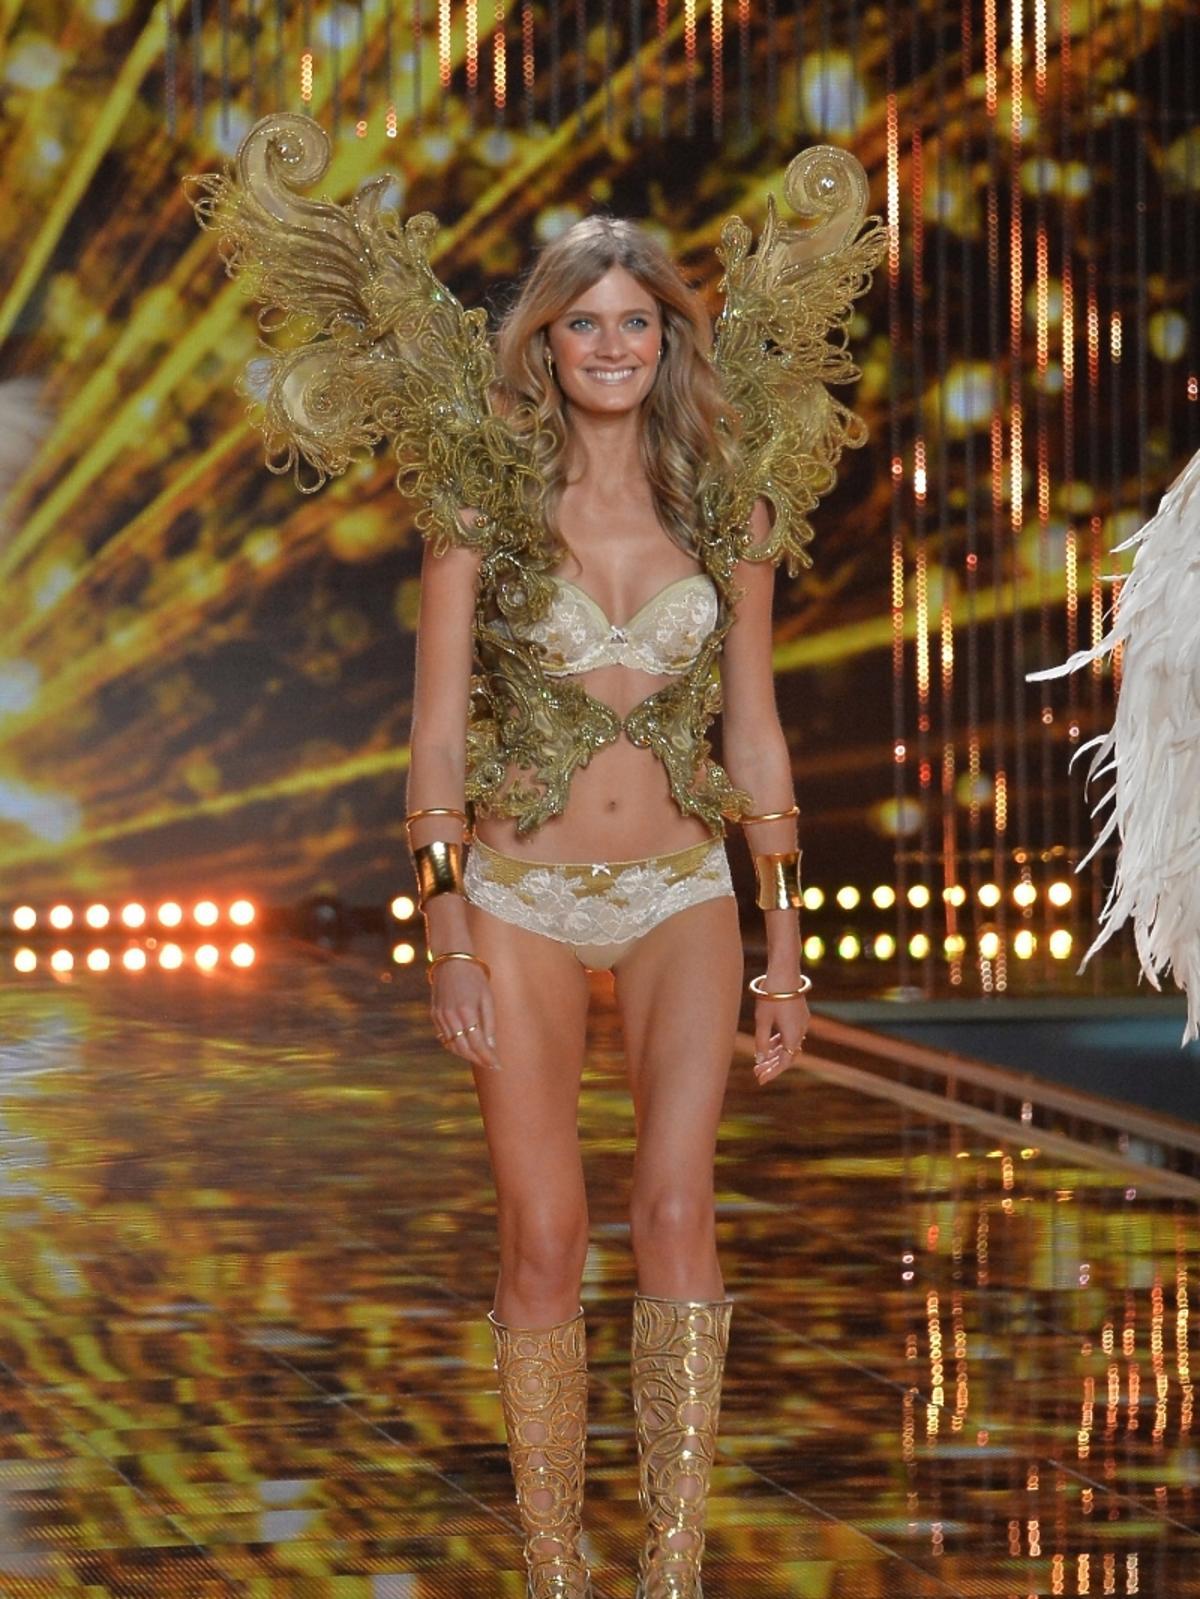 Victoria's Secret Show 2014 - Constance Jablonski